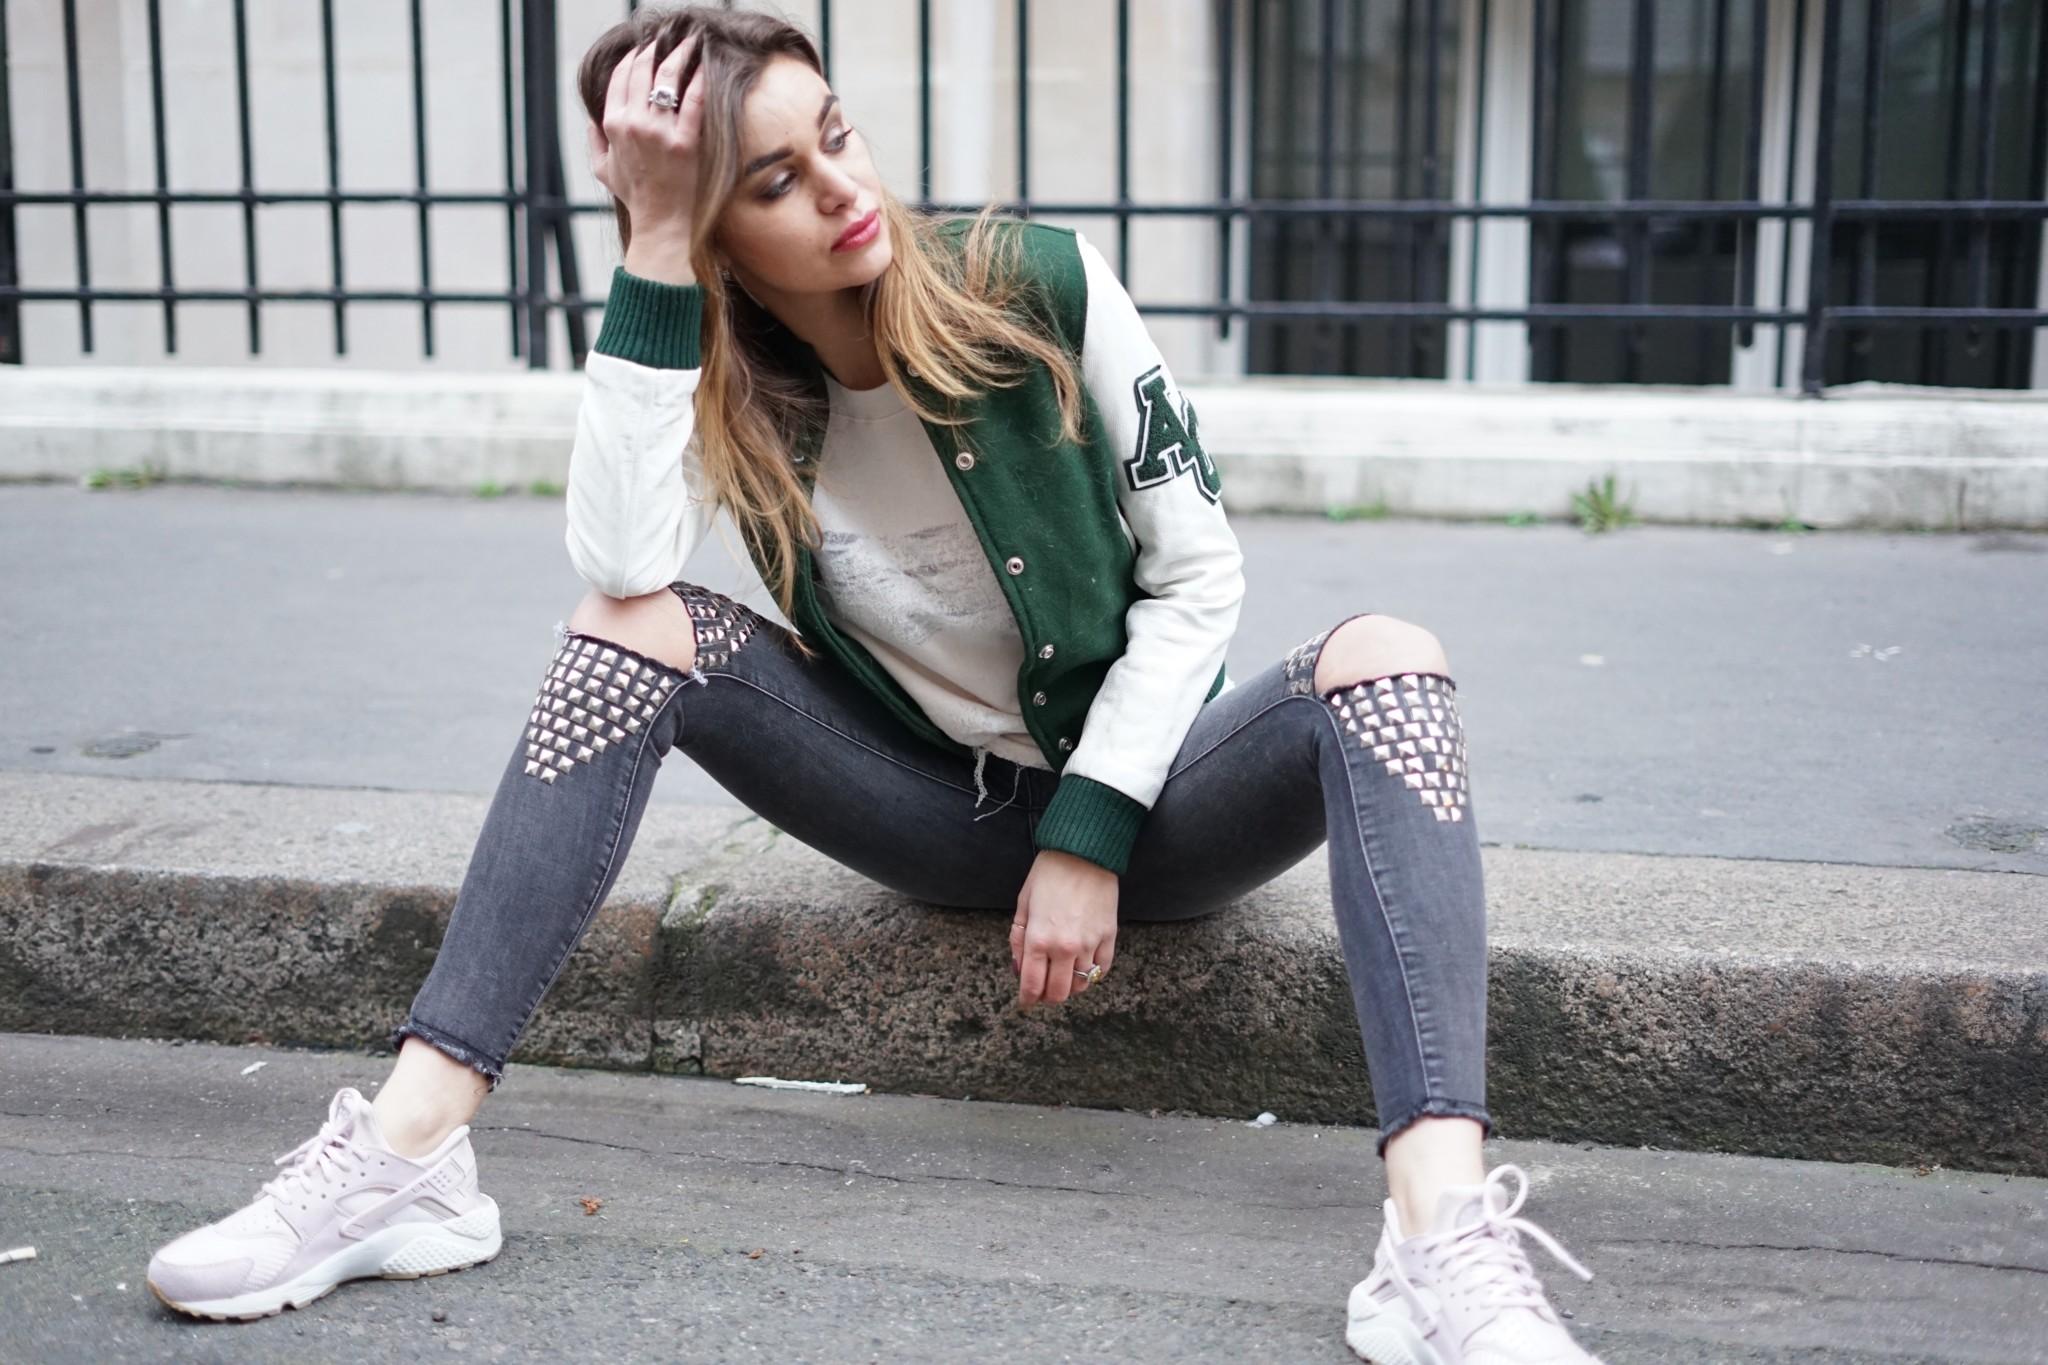 22f0c8a85b59e3 H ello les filles, comment ca va ? Comme vous le savez, j'adore être un  caméléon côté style. C'est pour cette raison que je vous propose  aujourd'hui un look ...